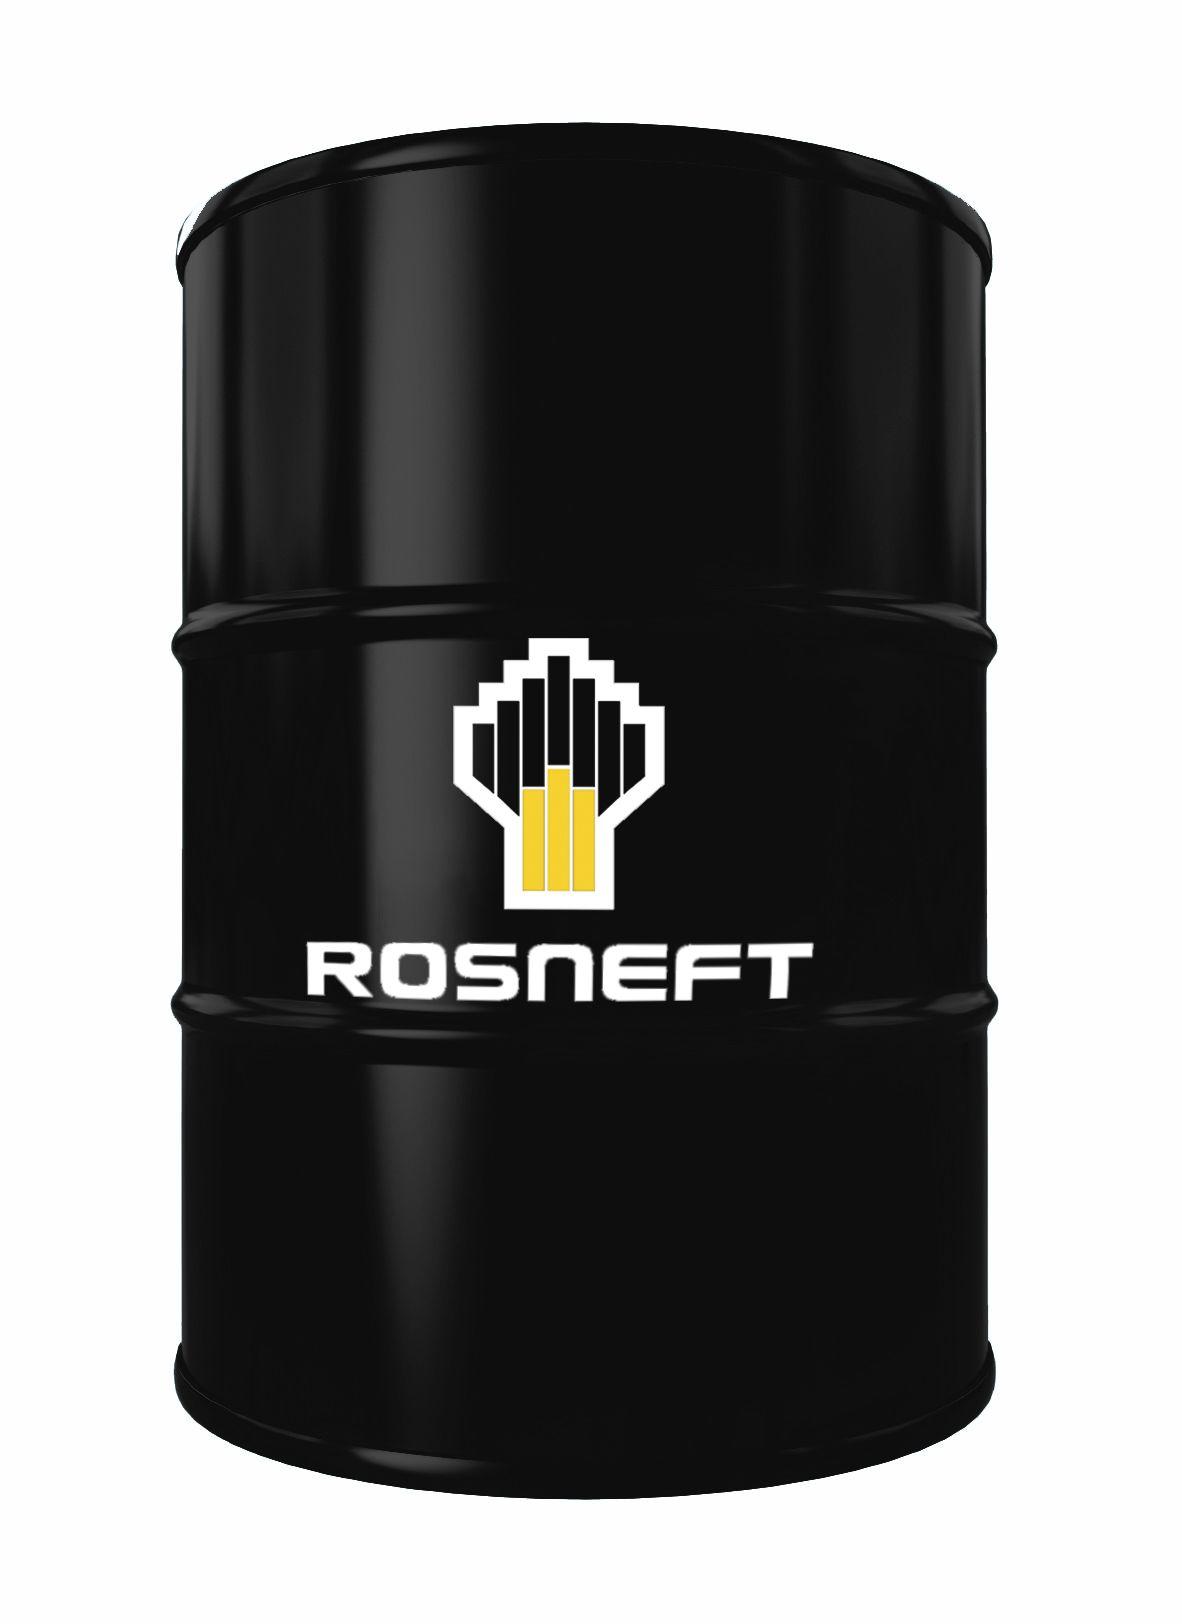 РОСНЕФТЬ Гидравлическое масло Gidrotec OE HLP 46 Розлив 1л Mineral oil